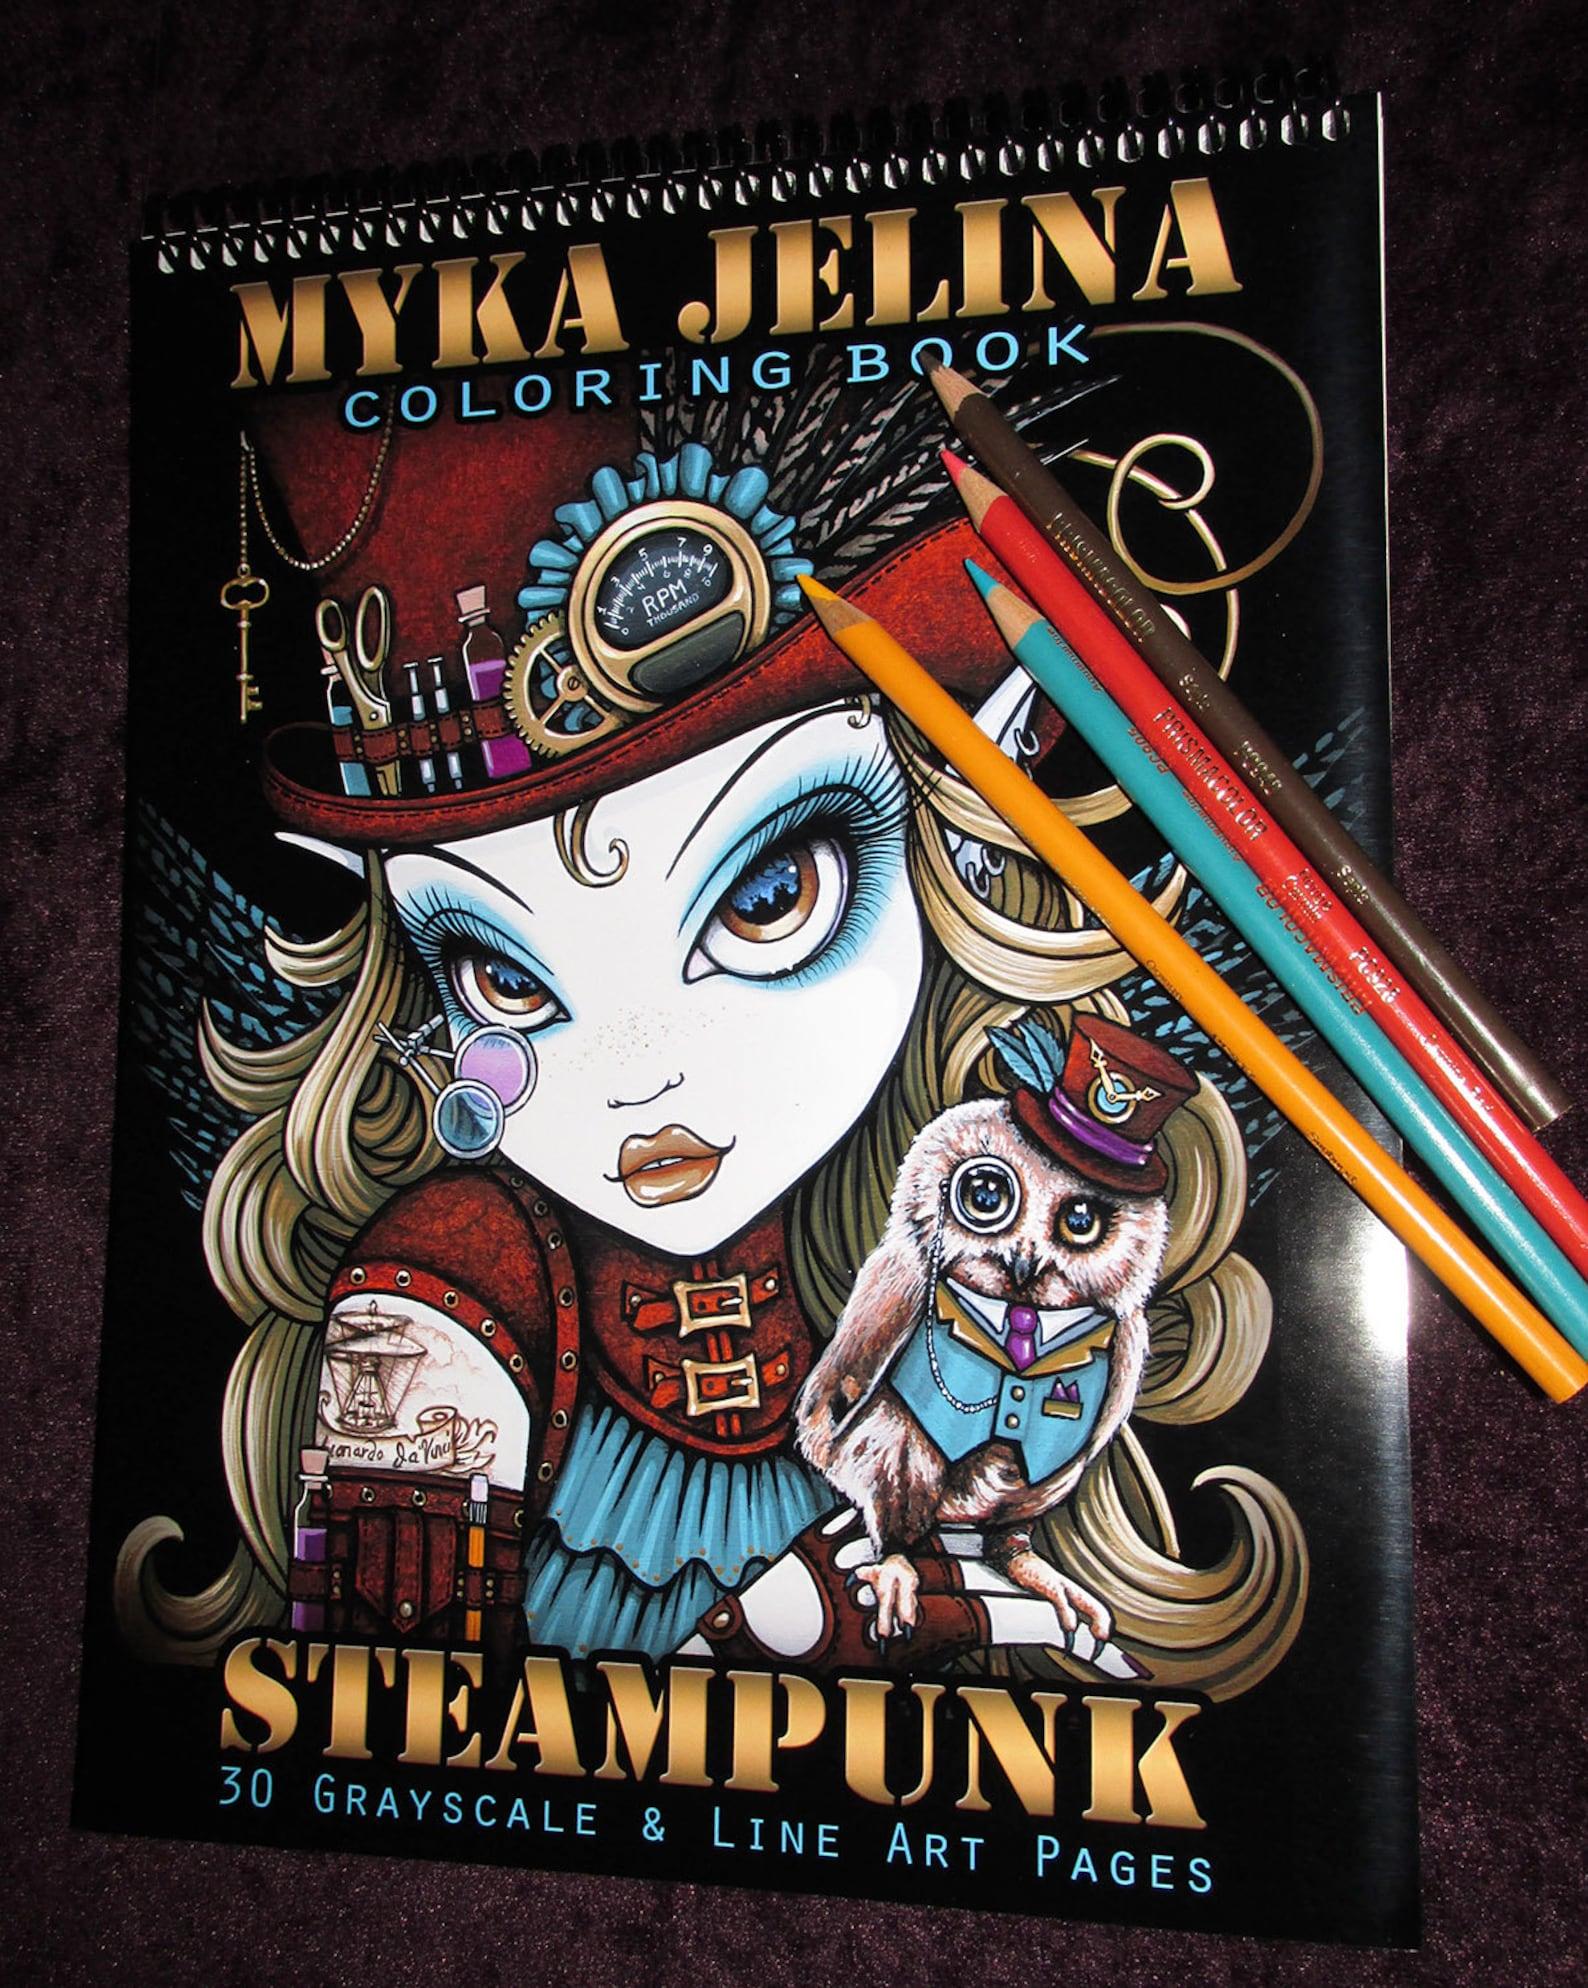 Steampunk Beauties - Myka Jelina